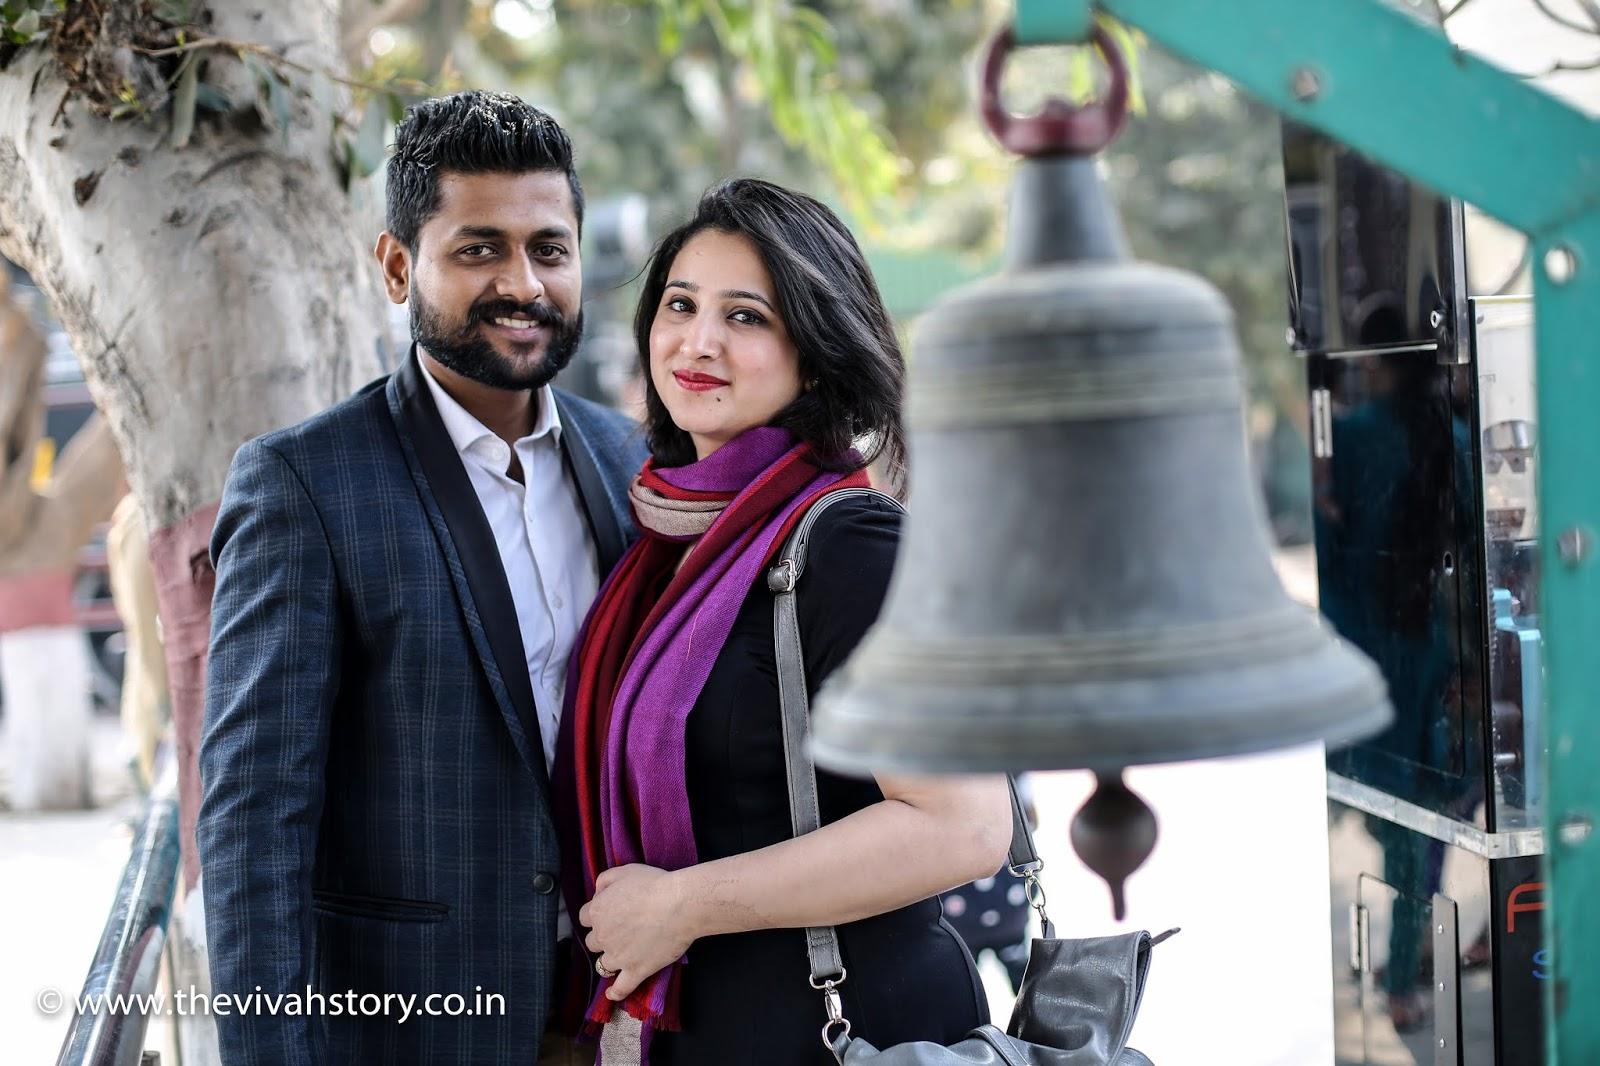 Ratish & Parul - Pre Wedding Shoot in Delhi